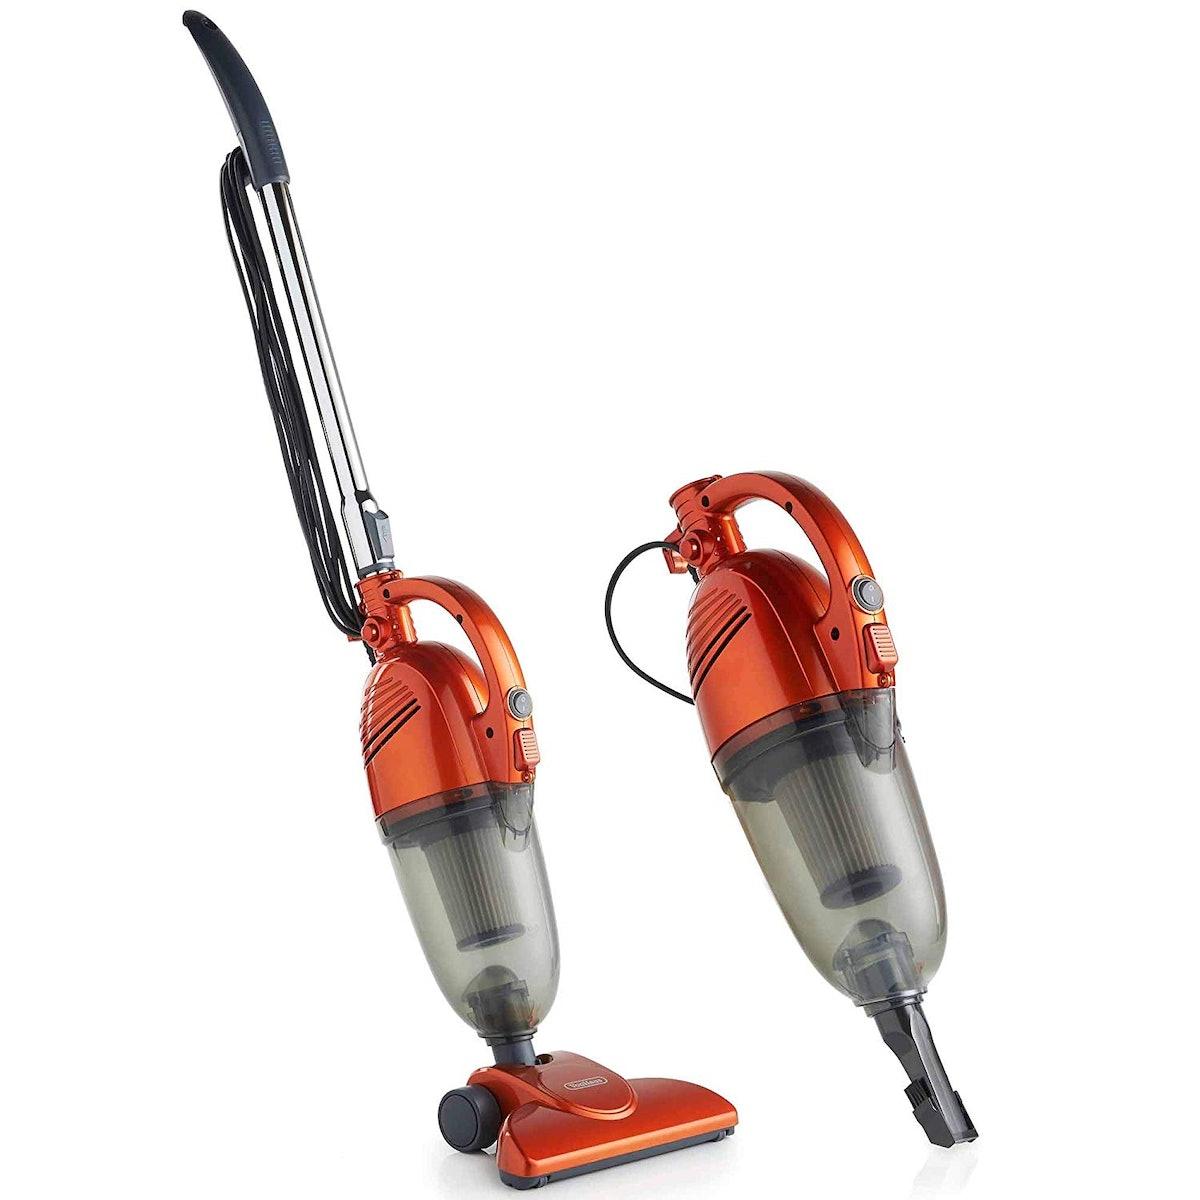 VonHaus 2-In-1 Corded Lightweight Stick Vacuum Cleaner